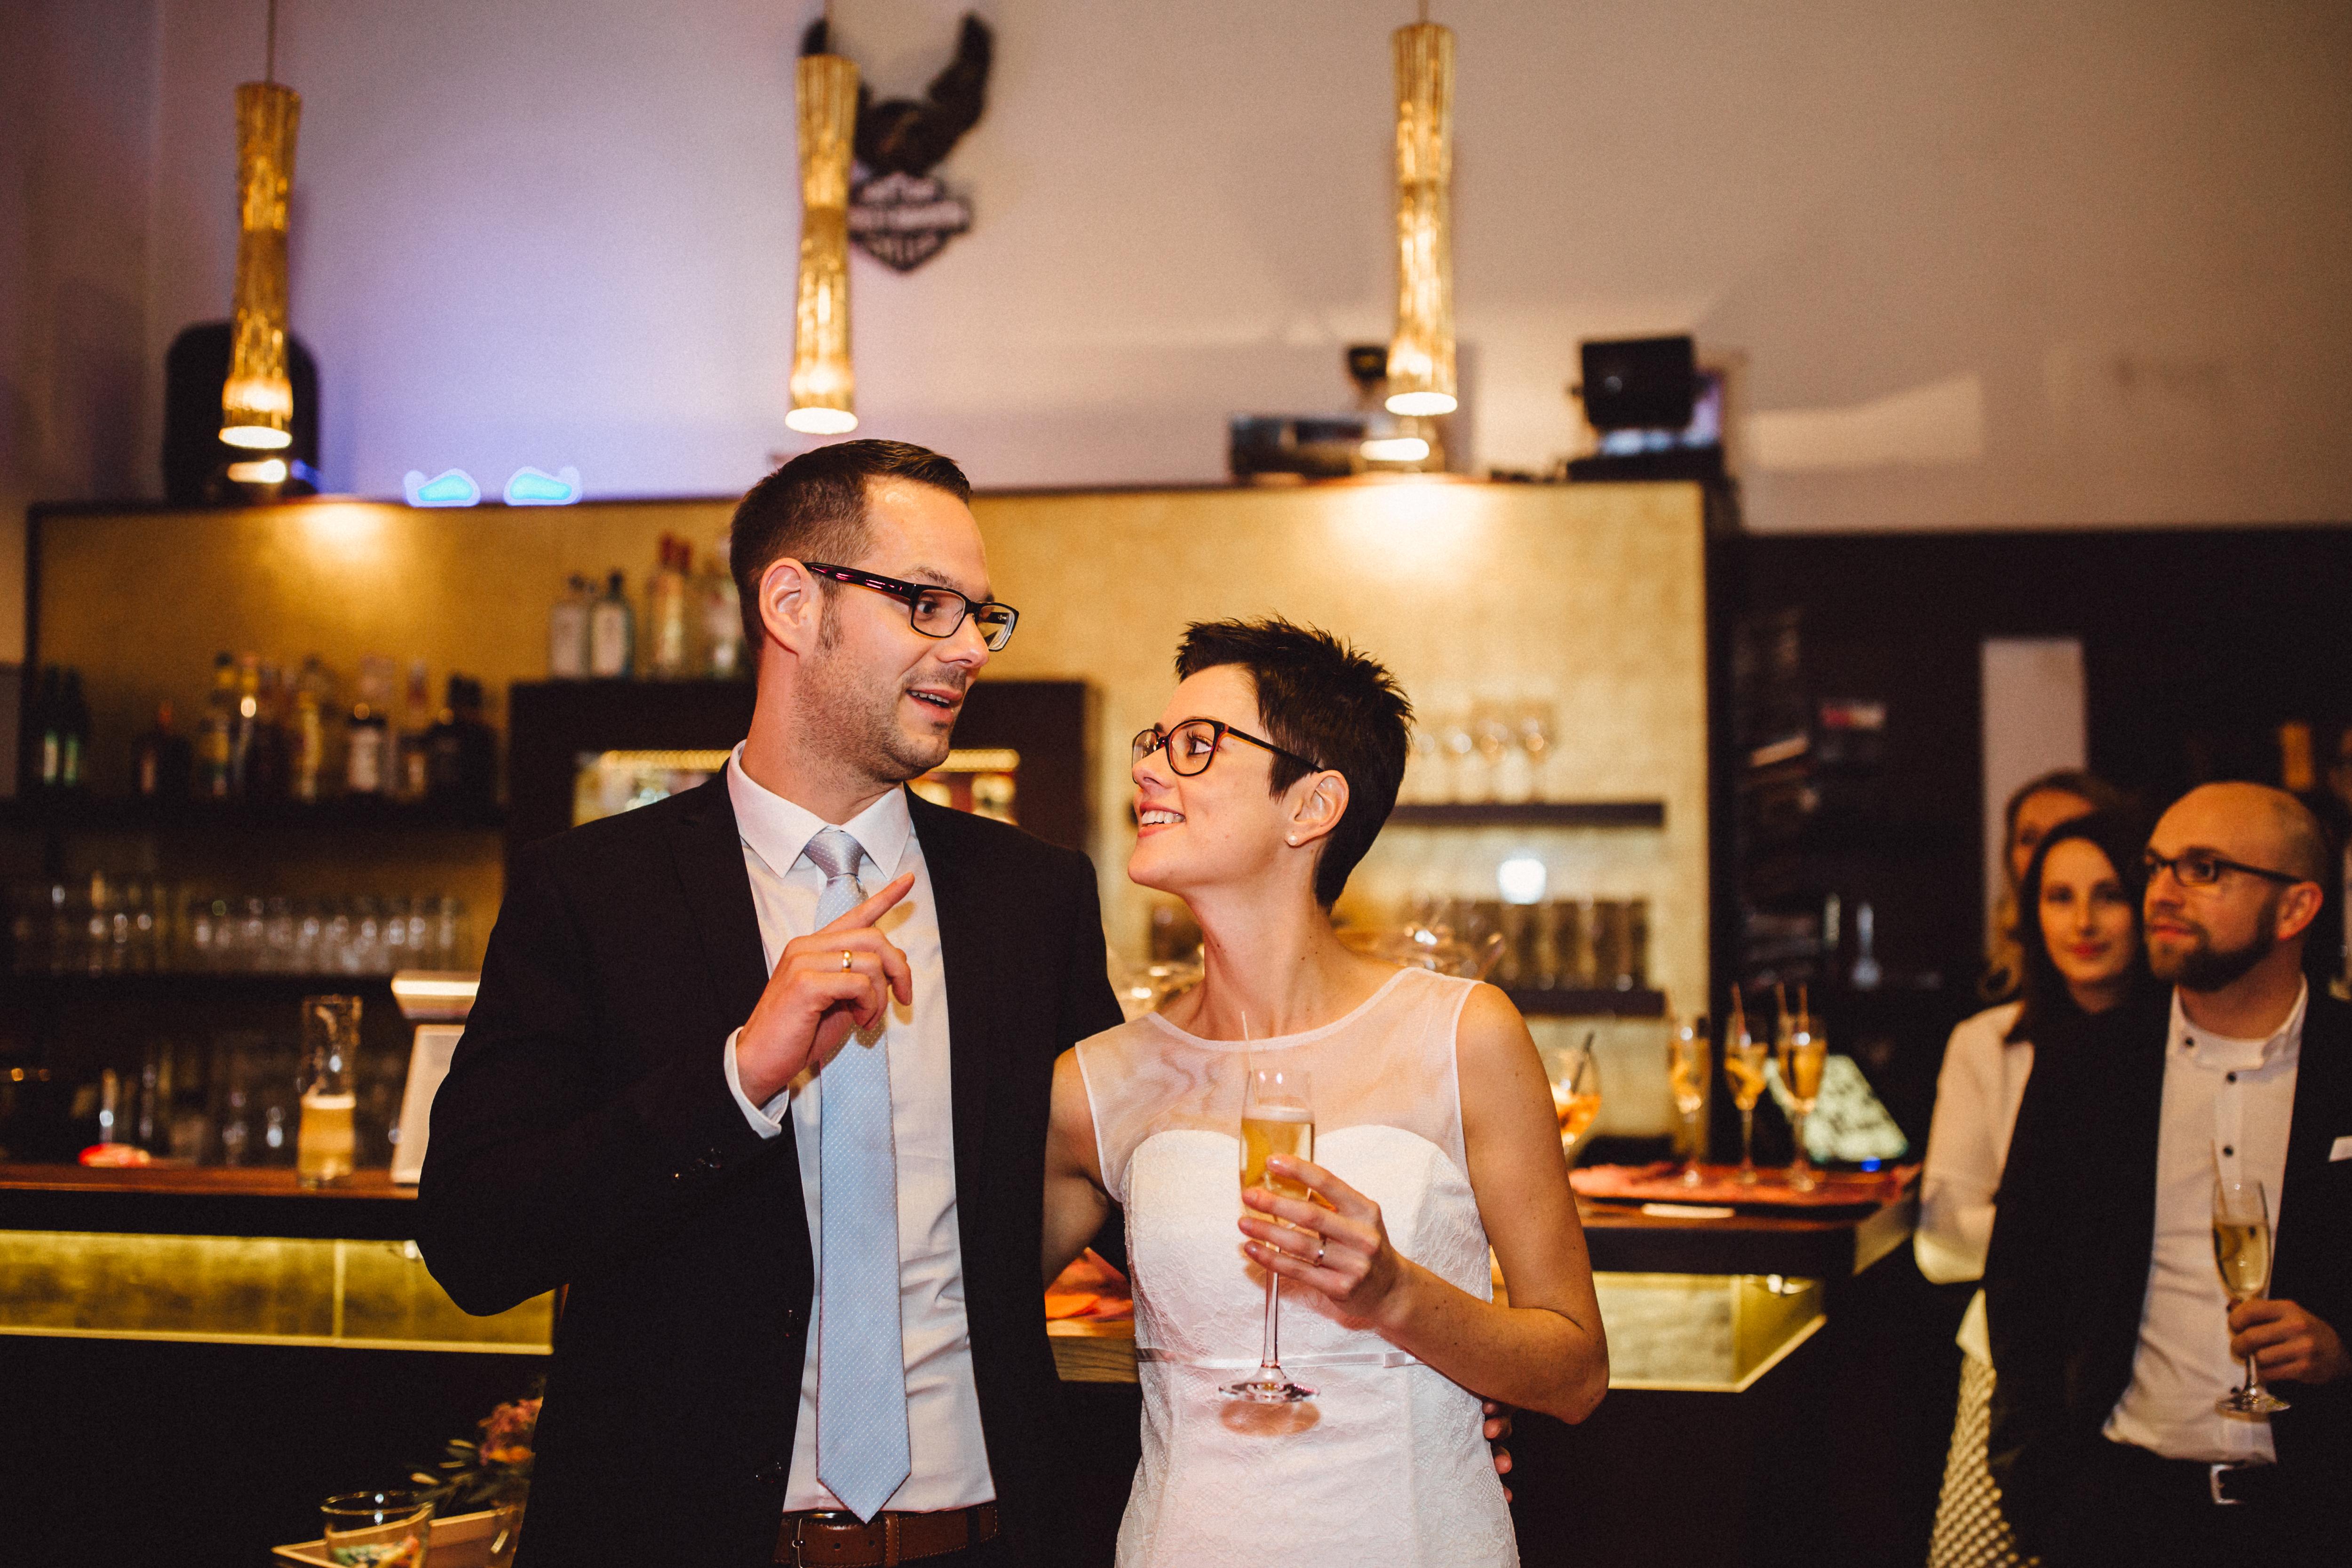 URBANERIE_Daniela_Goth_Hochzeitsfotografin_Nürnberg_Fürth_Erlangen_Schwabach_171028_0263